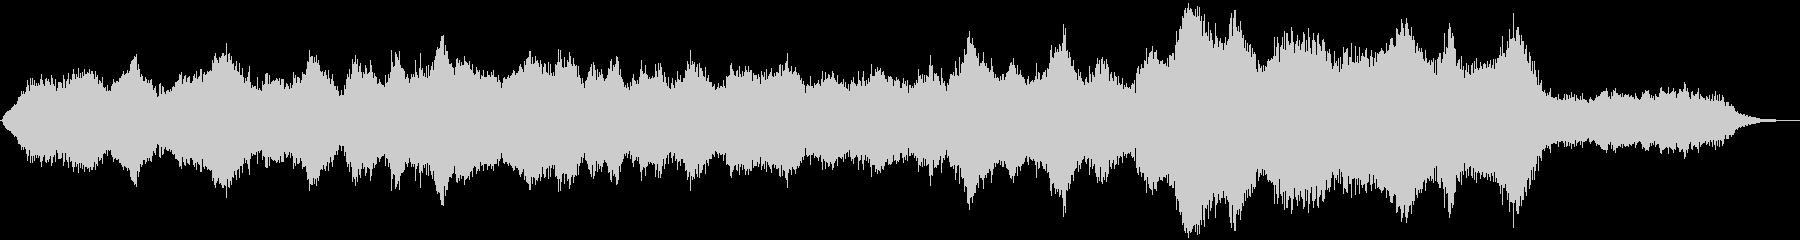 ドローン ヤングゴースト01の未再生の波形